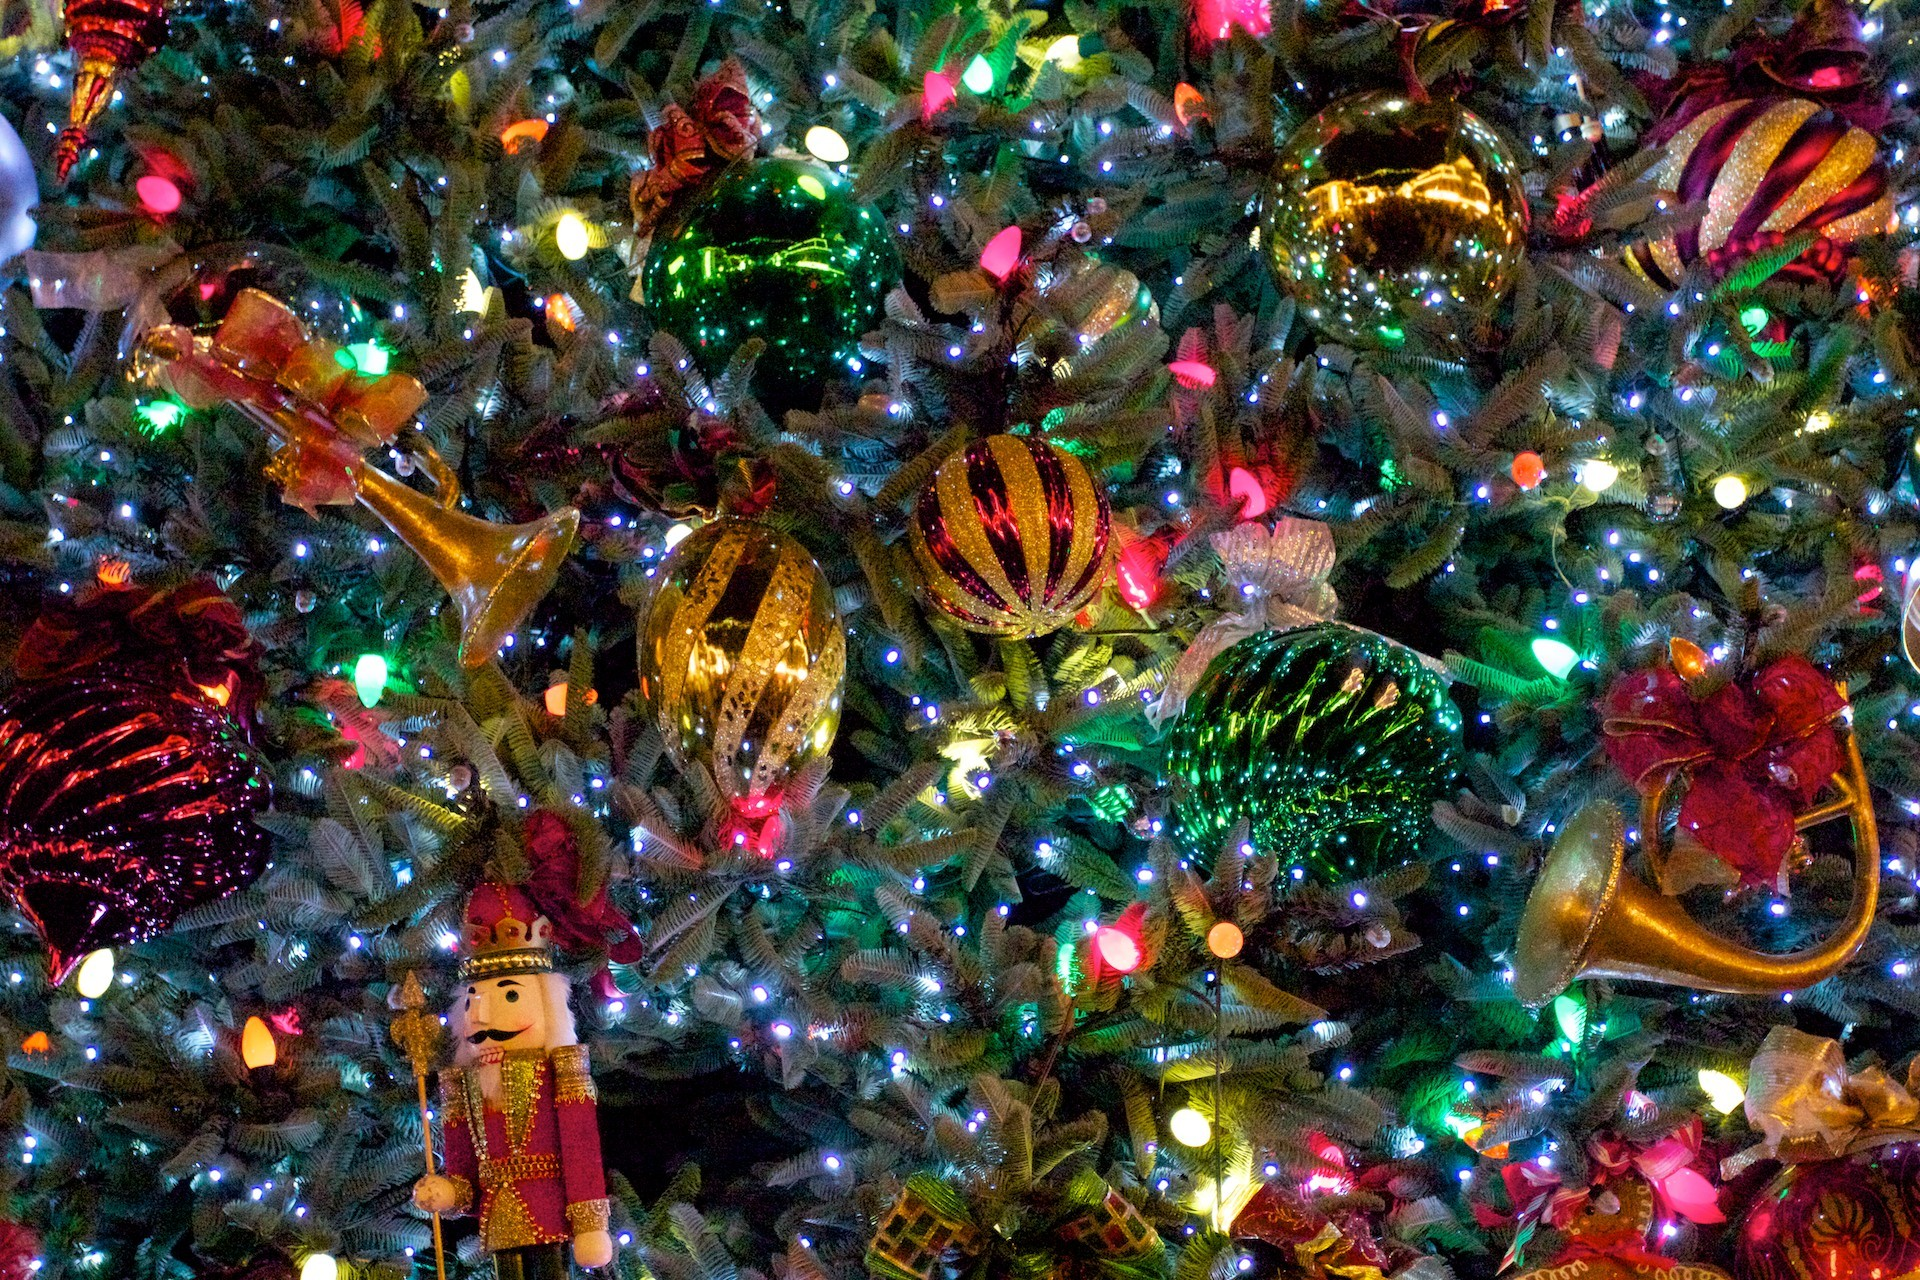 desktop wallpaper christmas tree – www.wallpapers-in-hd.com